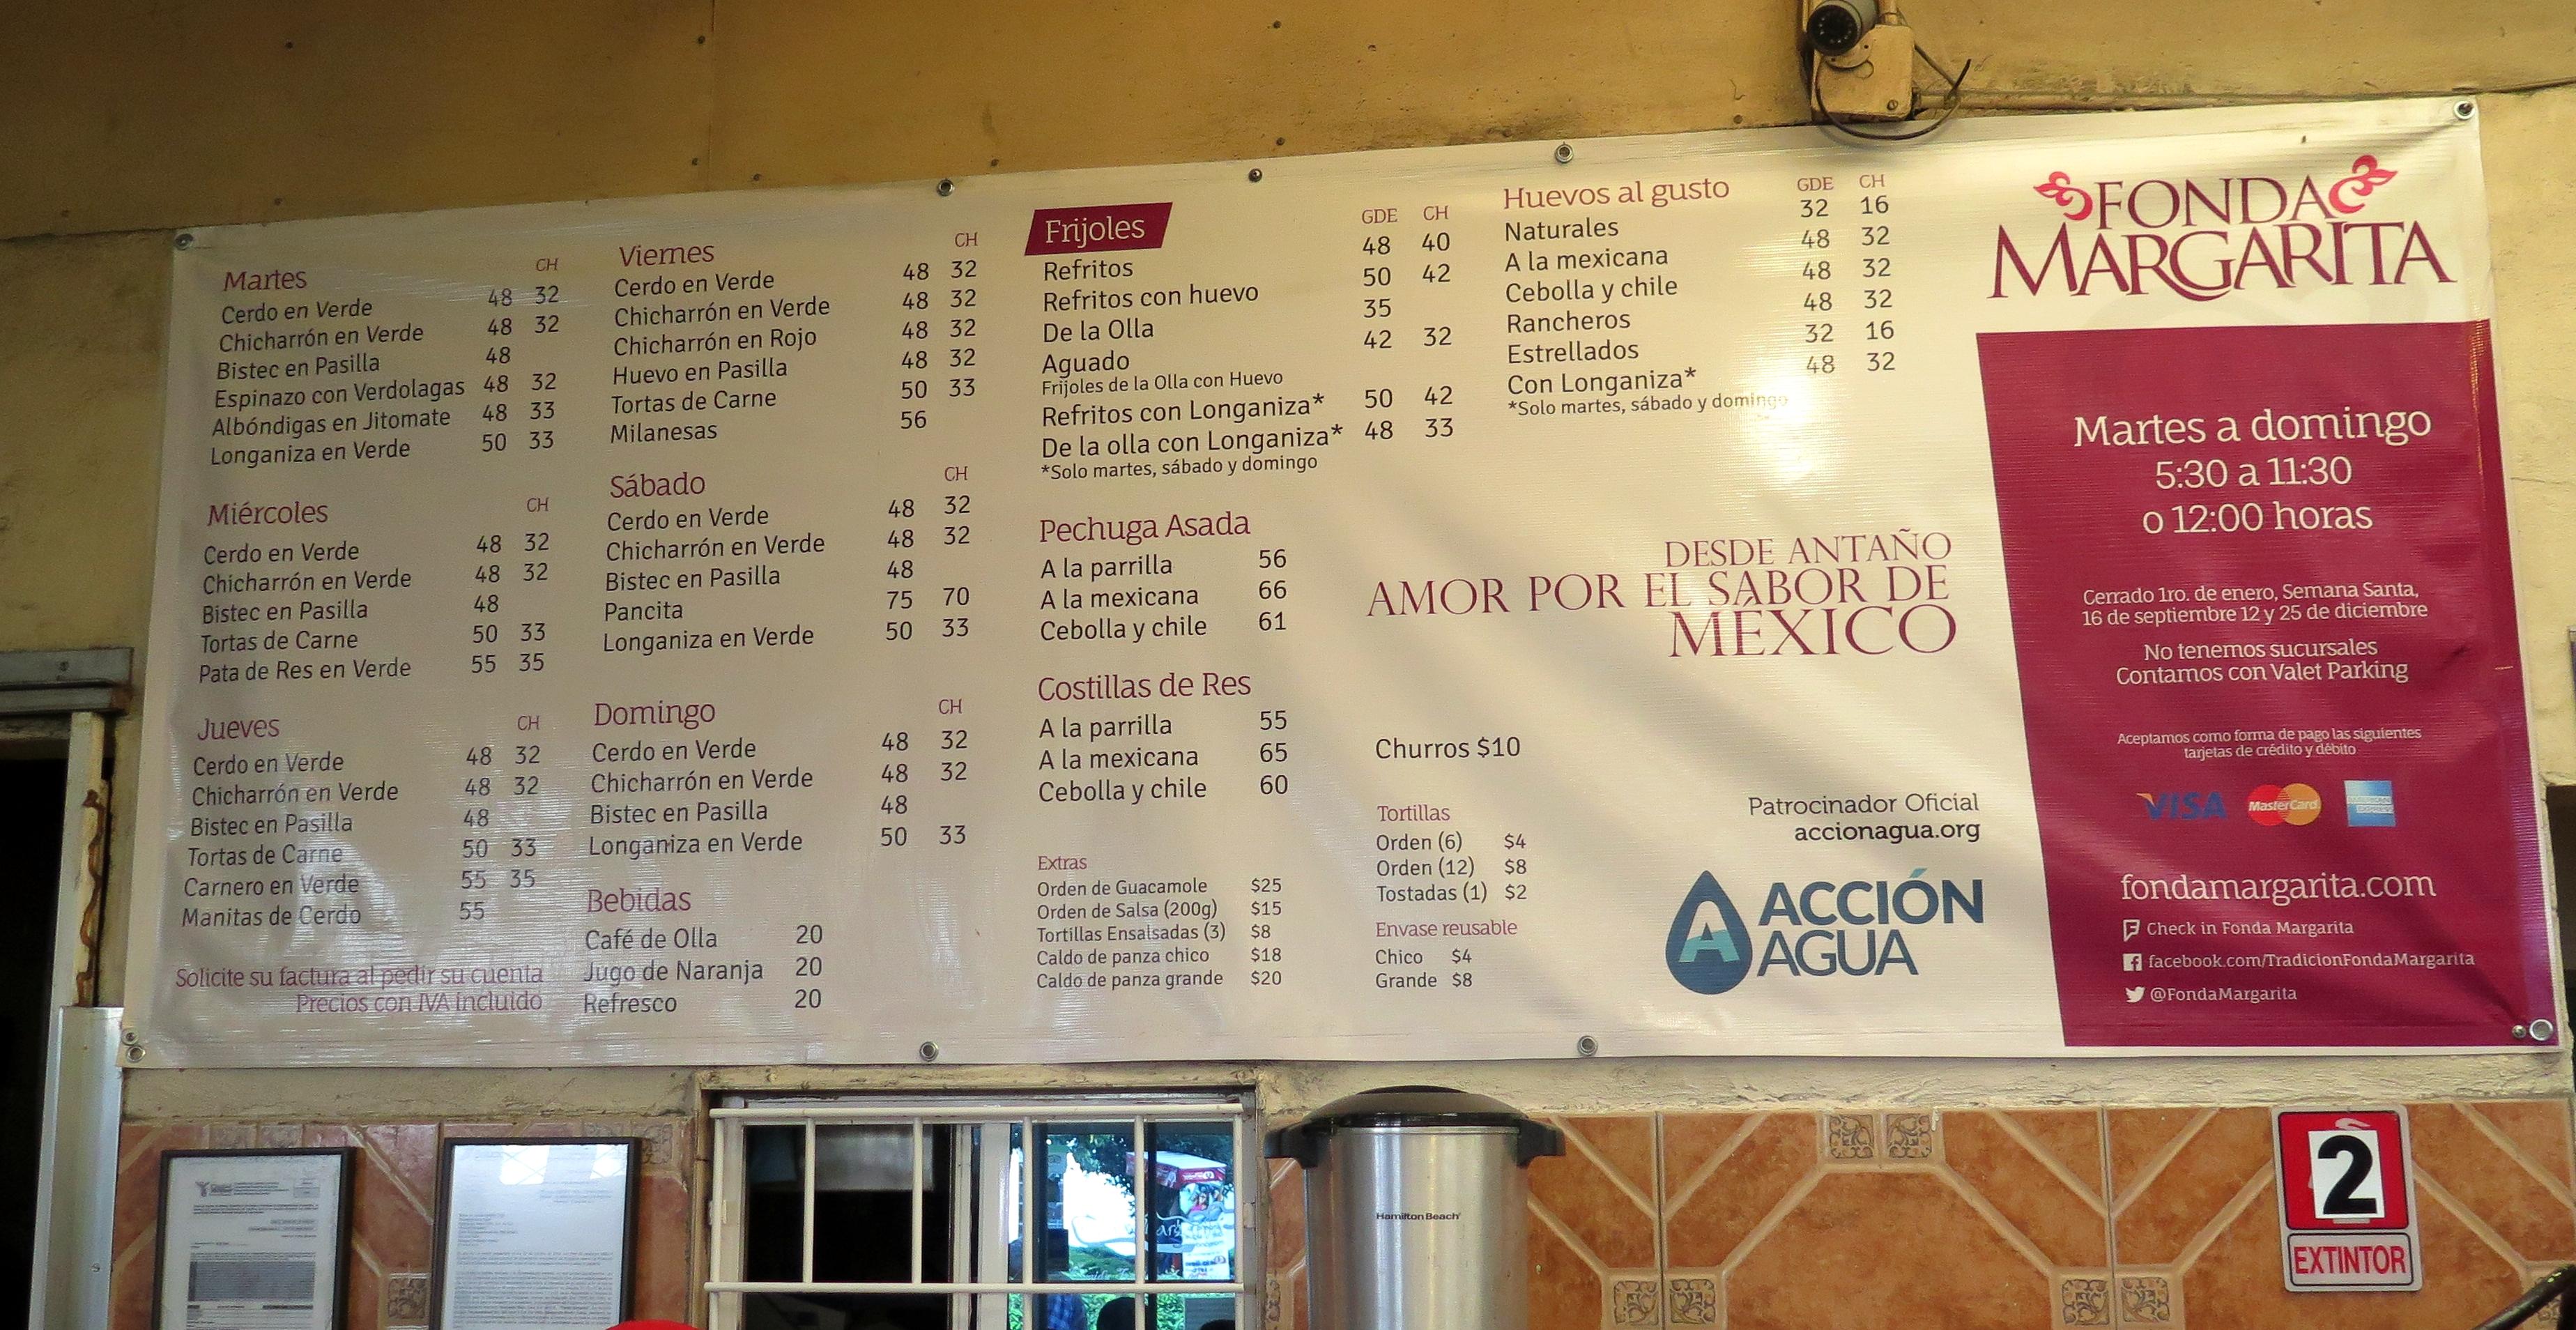 Mexicana se vienen en su boca y los escupe en el lavabo - 5 5